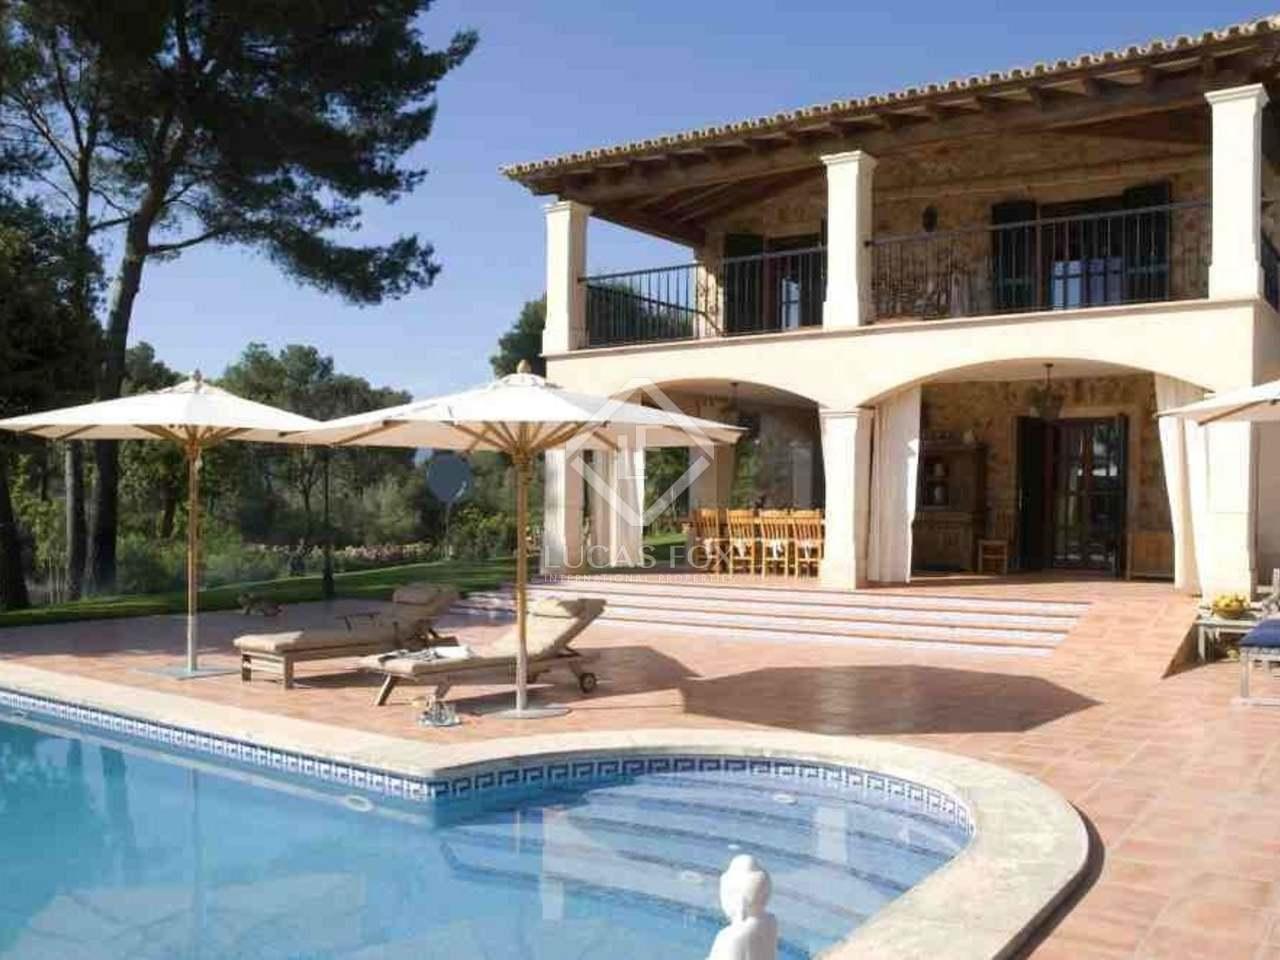 Casa en venta en p rtol cerca de palma mallorca - Casas espectaculares en espana ...